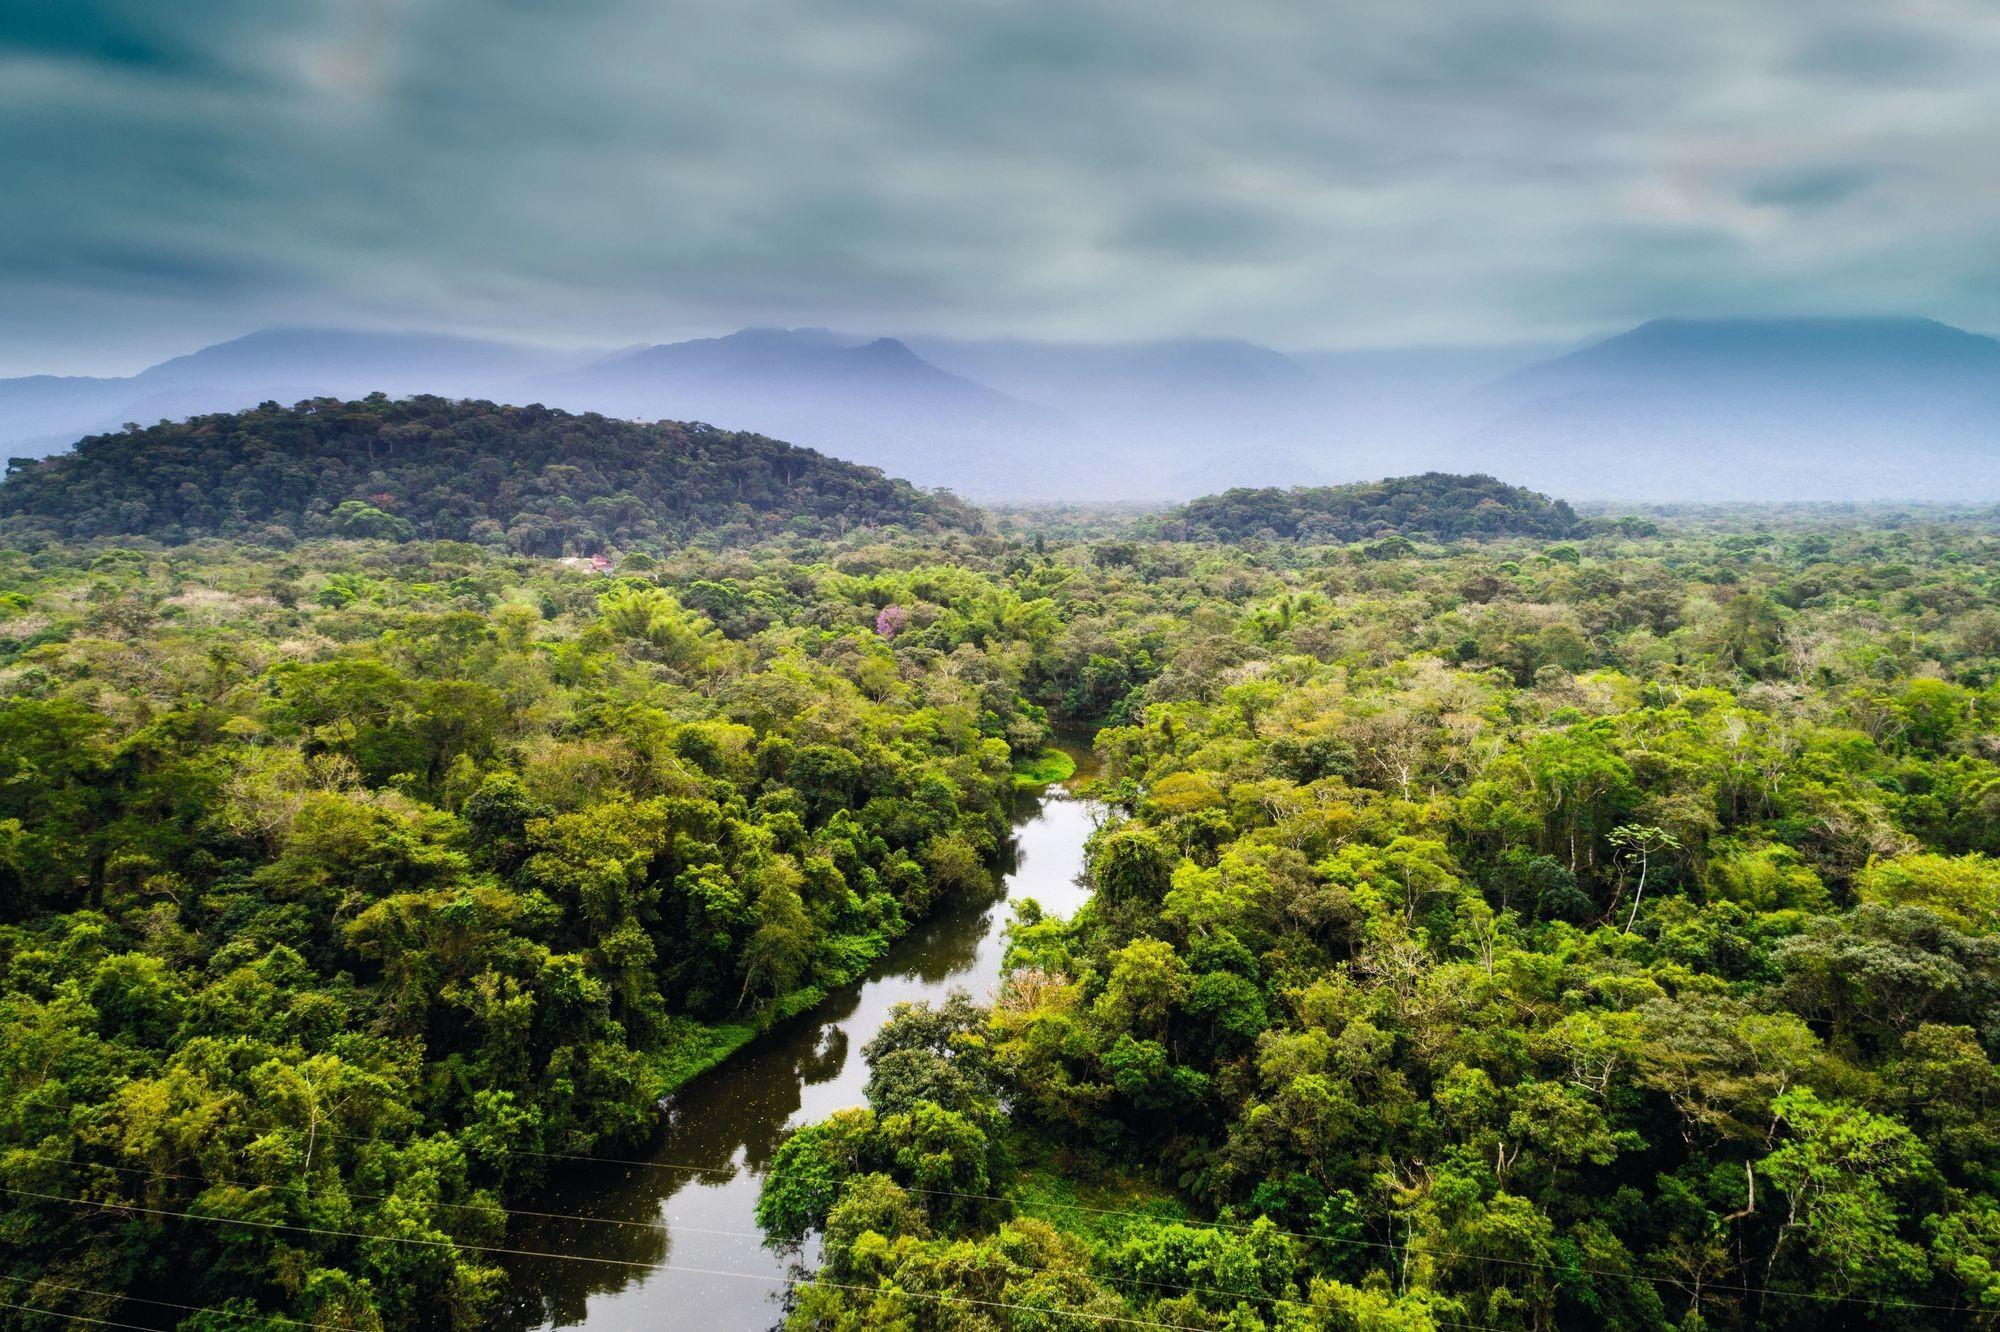 Le parc amazonien de Guyane, un Parc national